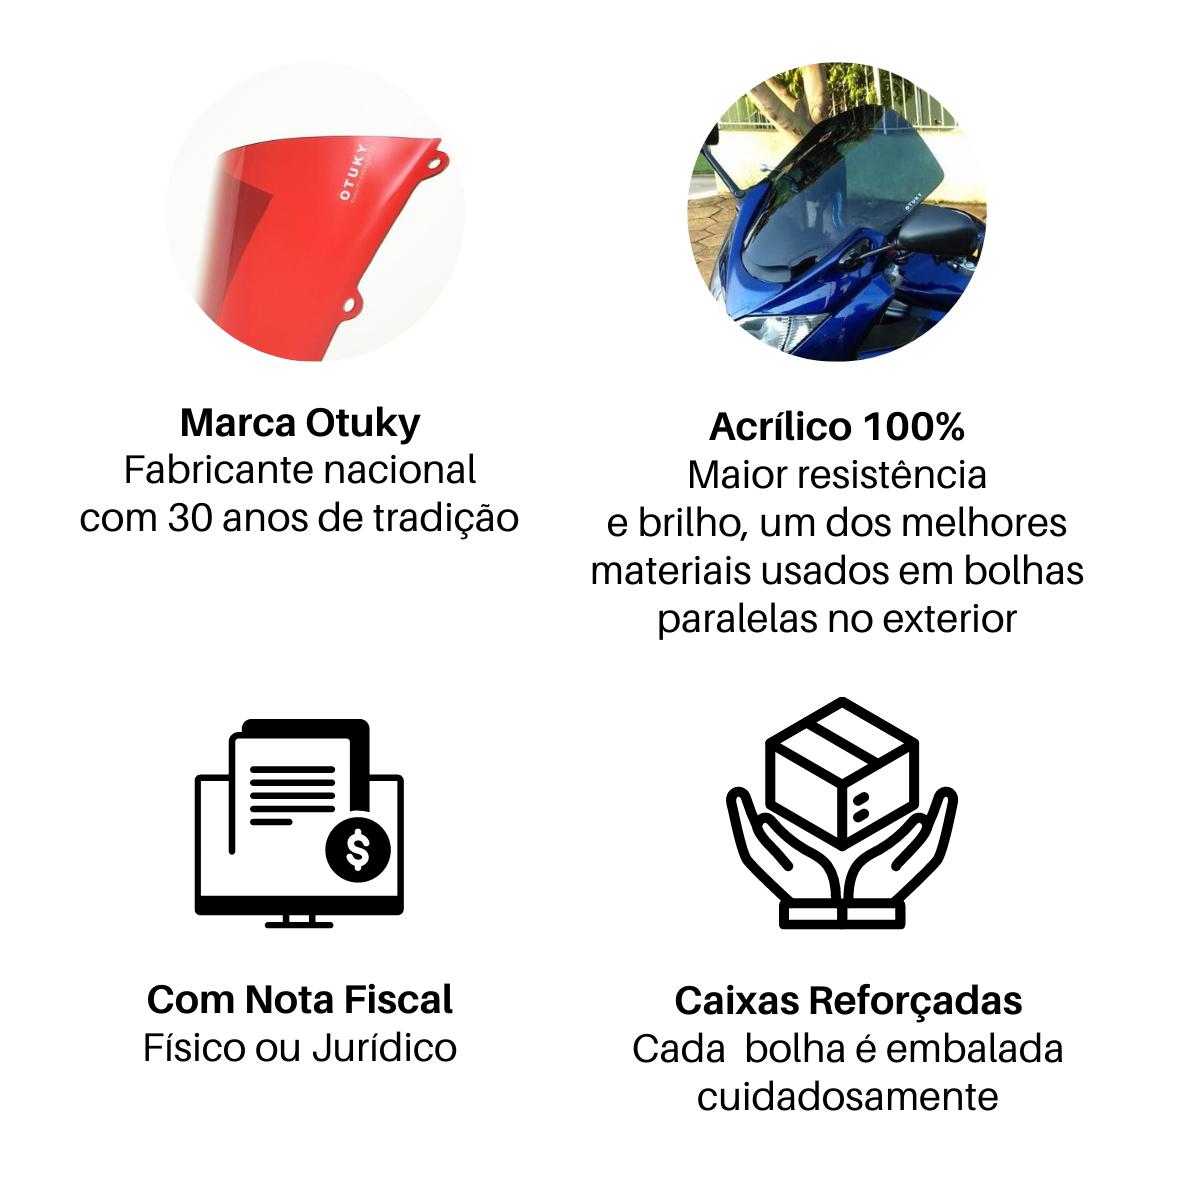 Bolha para Moto GSX 1300 R Hayabusa 2008 2009 2010 2011 2012 2013 2014 2015 2016 2017 2018 Otuky Azul-Escuro